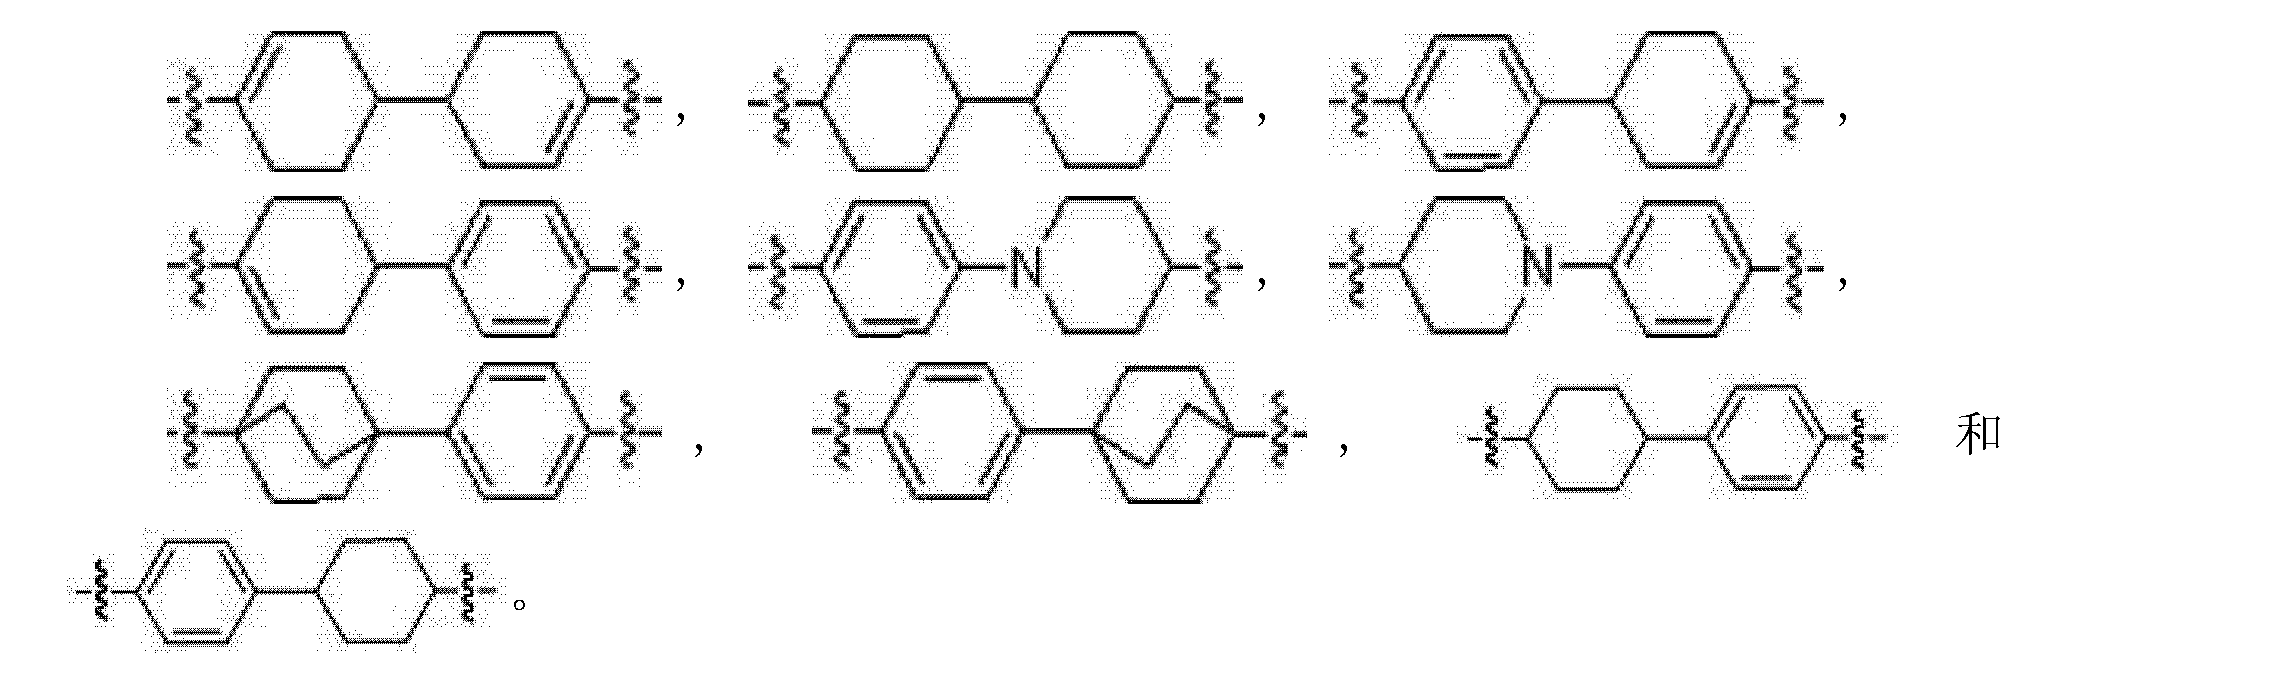 Figure CN102378762AC00031